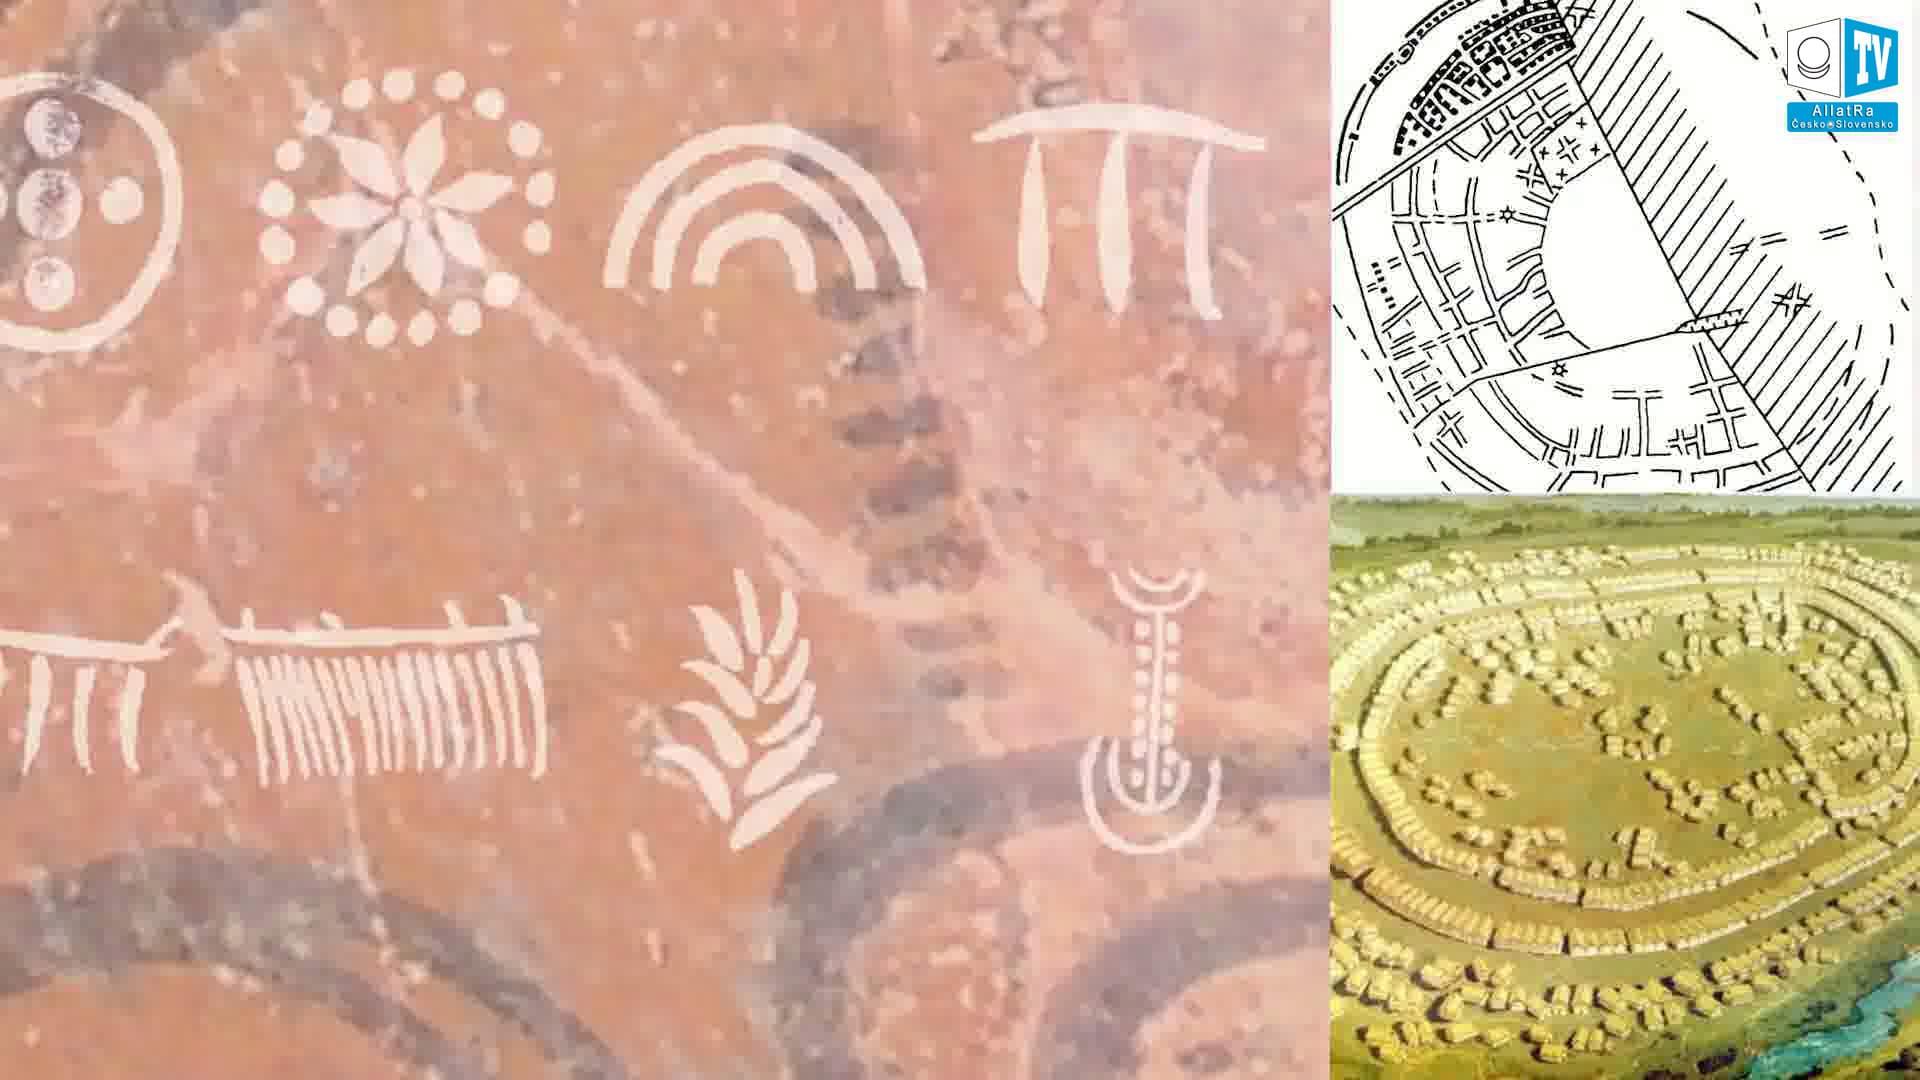 Tripolské symboly. Foto